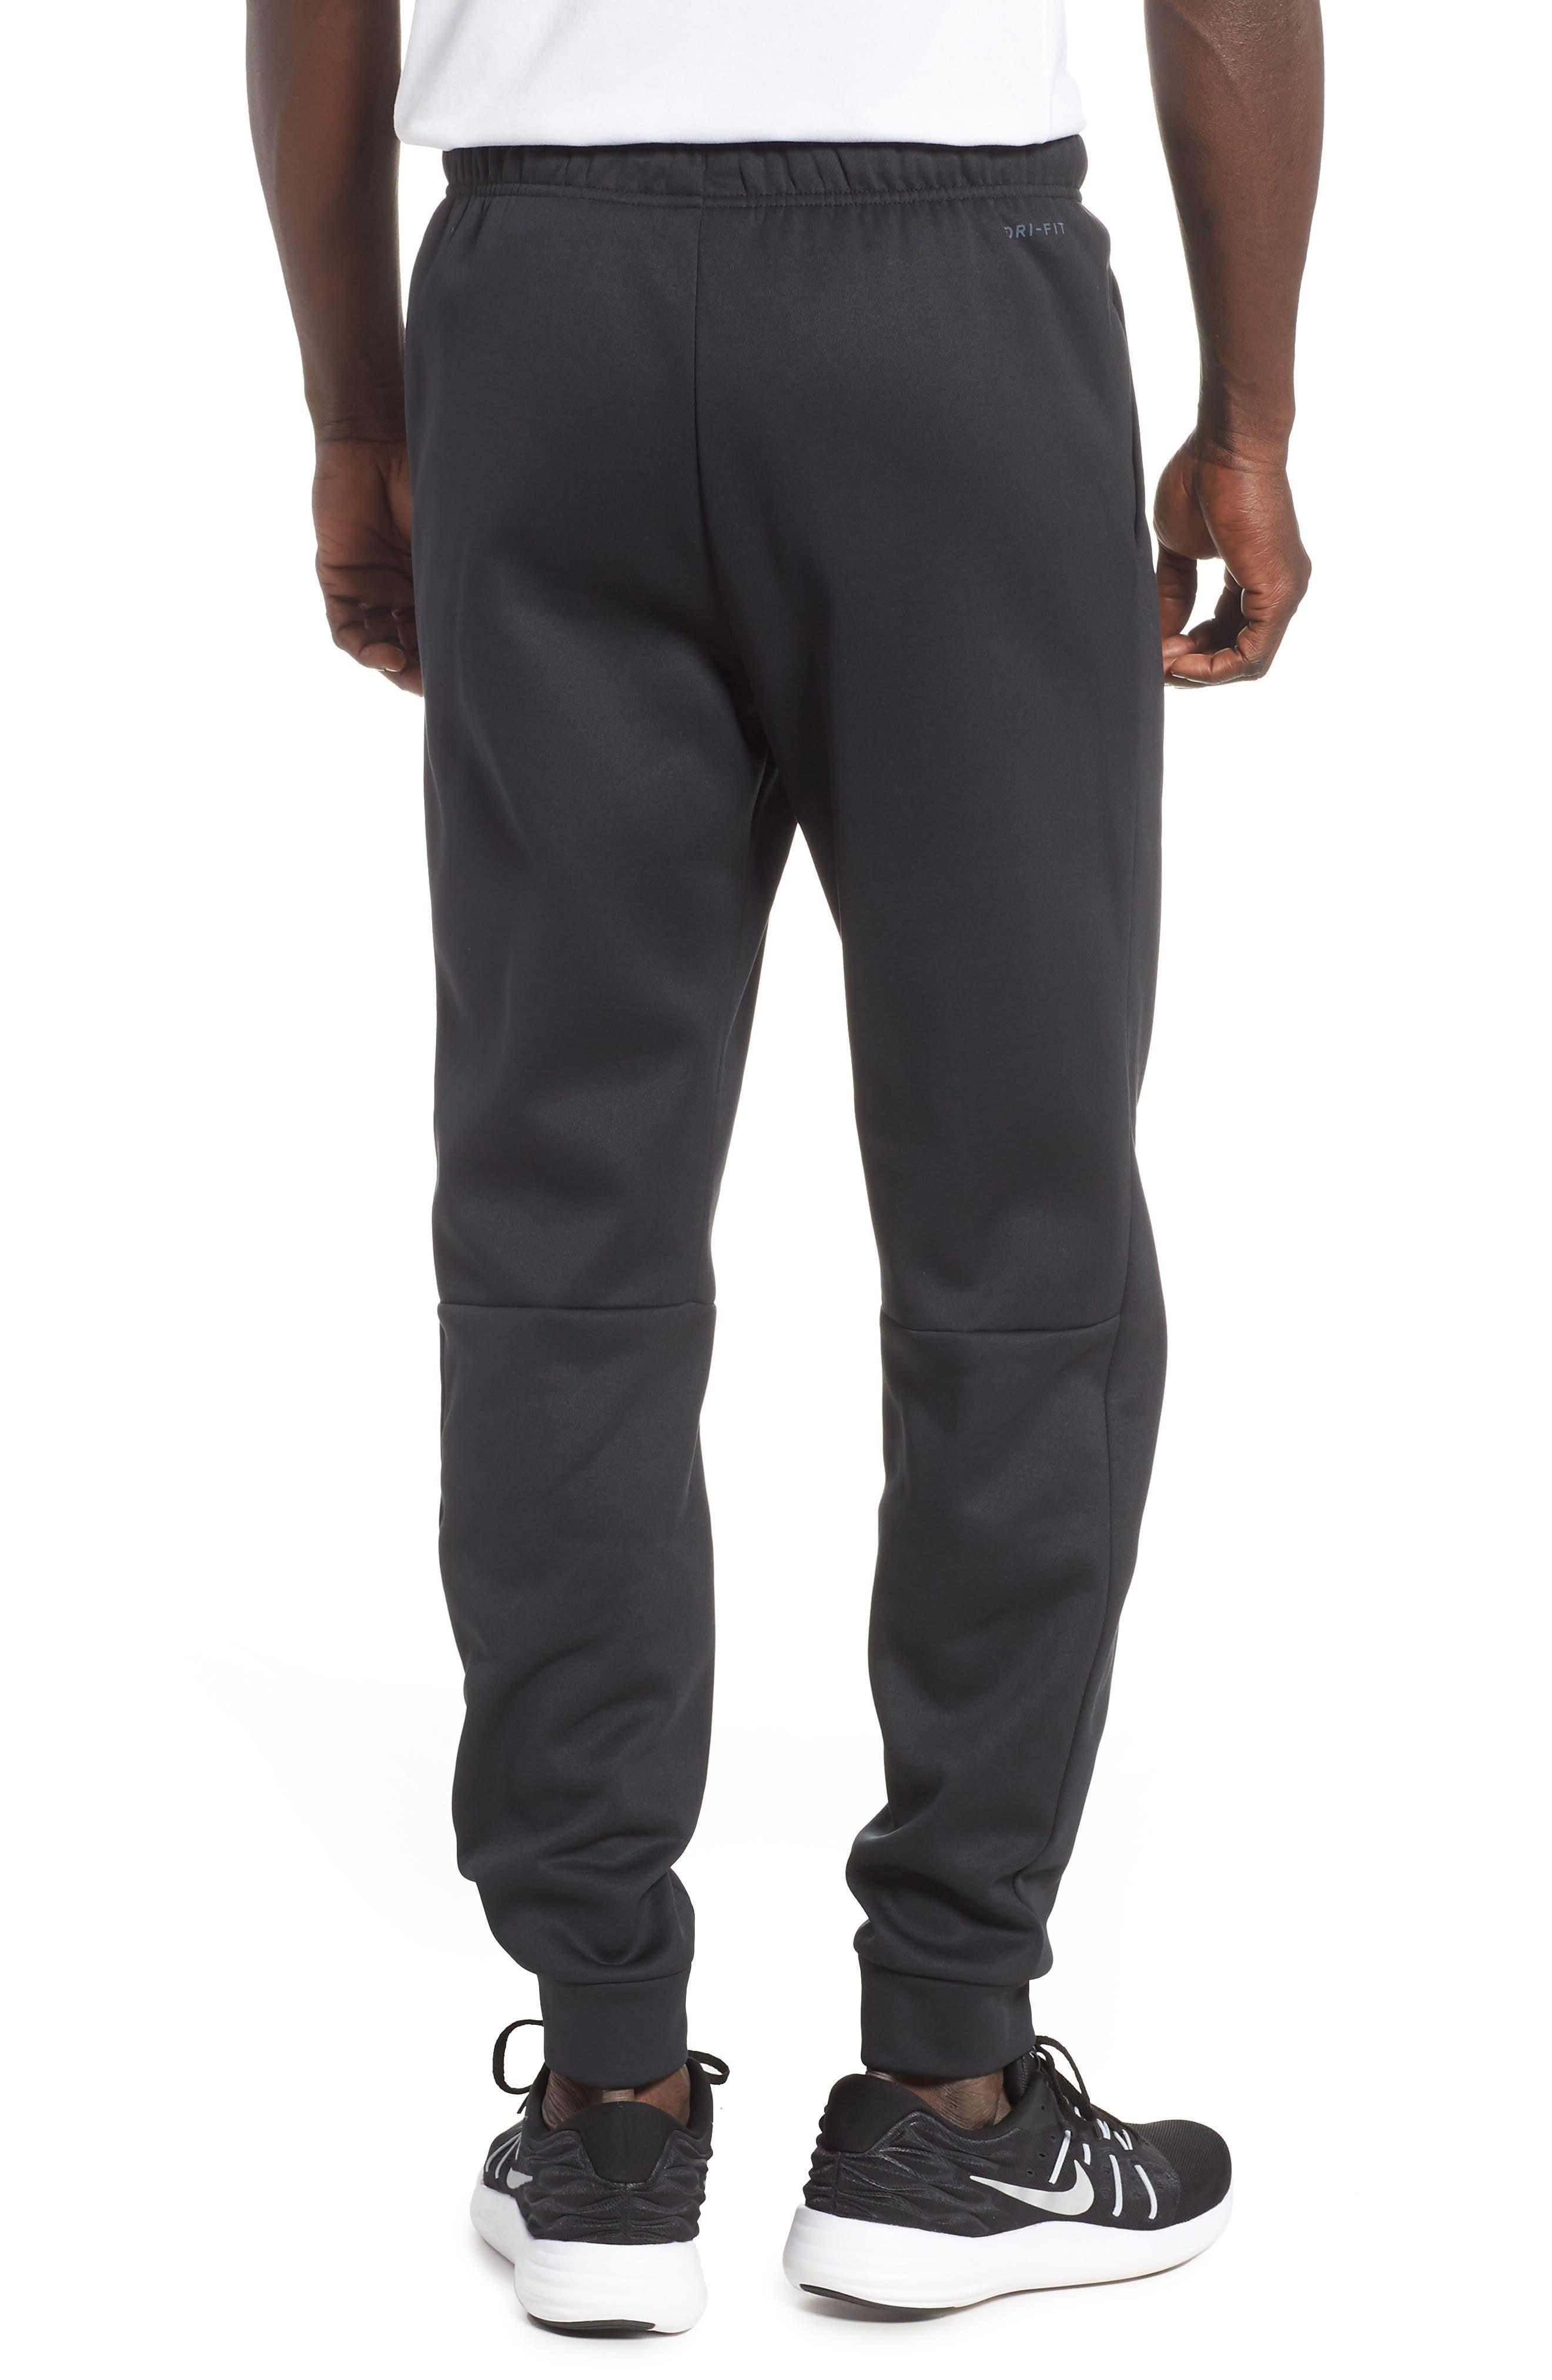 Dri-FIT Therma Training Pants,                             Alternate thumbnail 2, color,                             BLACK/ METALLIC HEMATITE